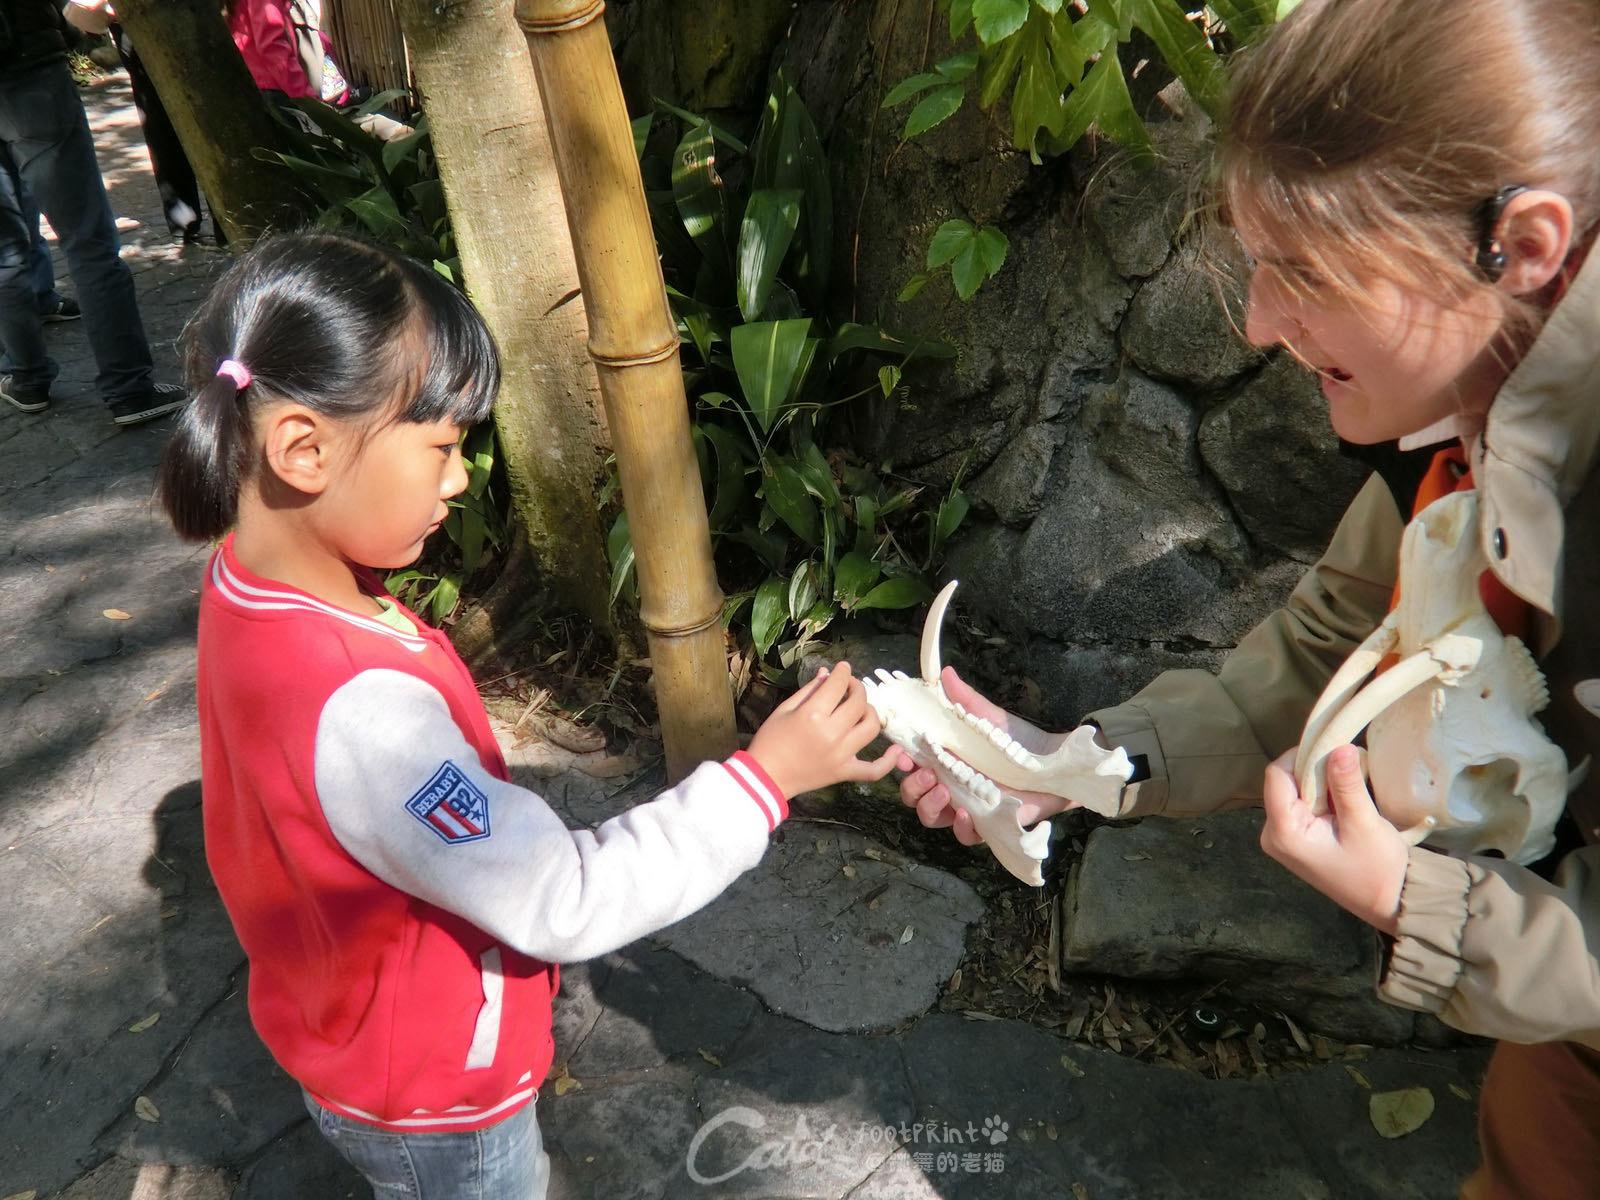 迪斯尼动物王国路边有工作人员给小朋友讲解